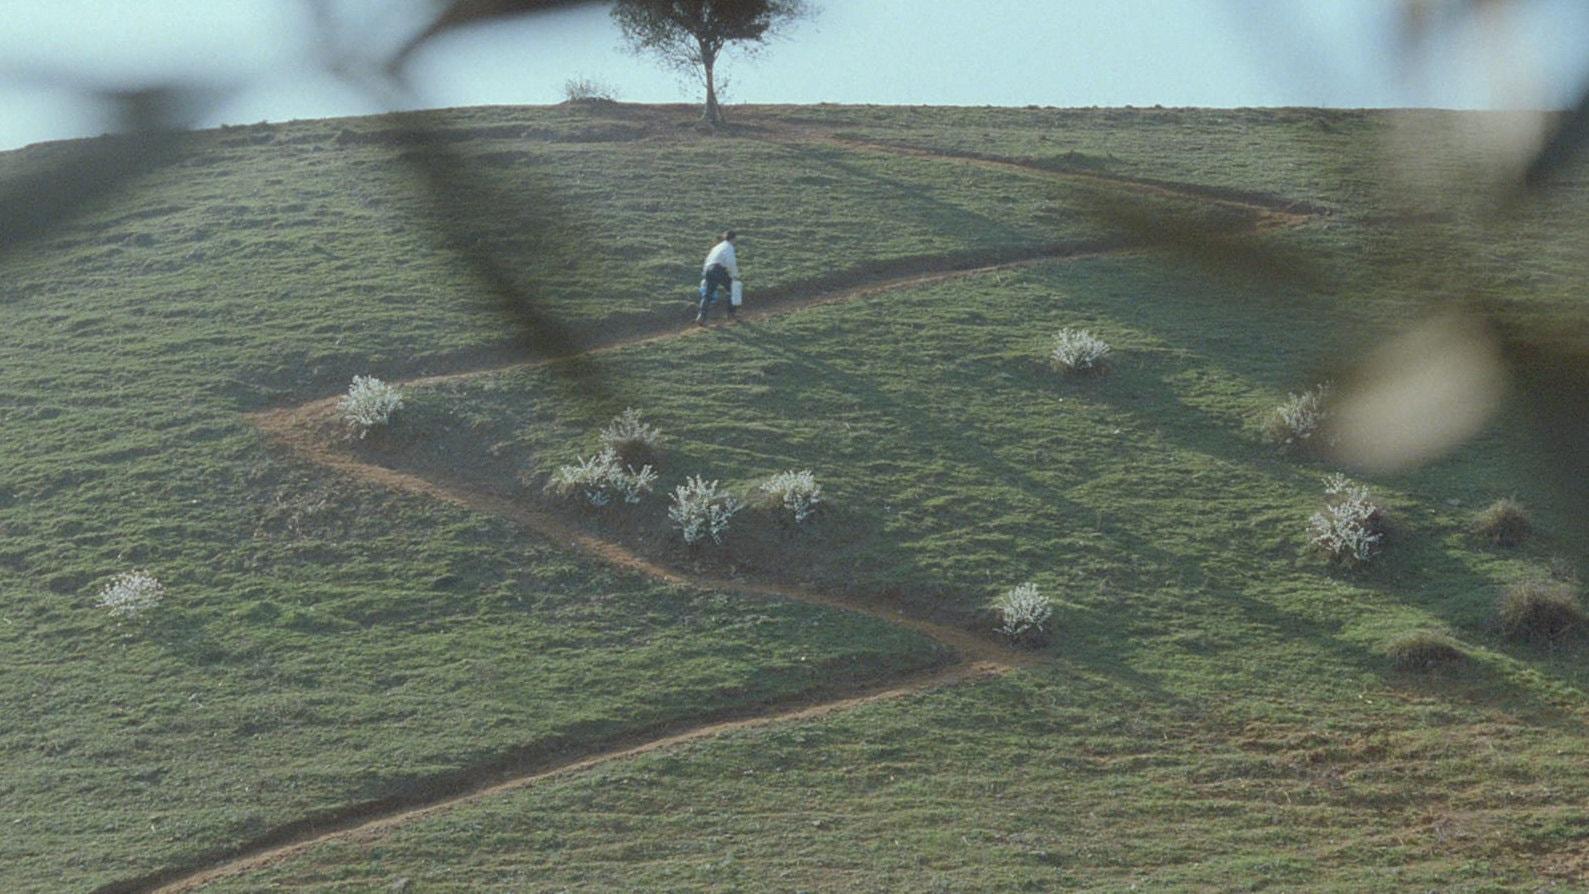 Un enfant monte une colline typique de Kiarostami dans Au travers des oliviers